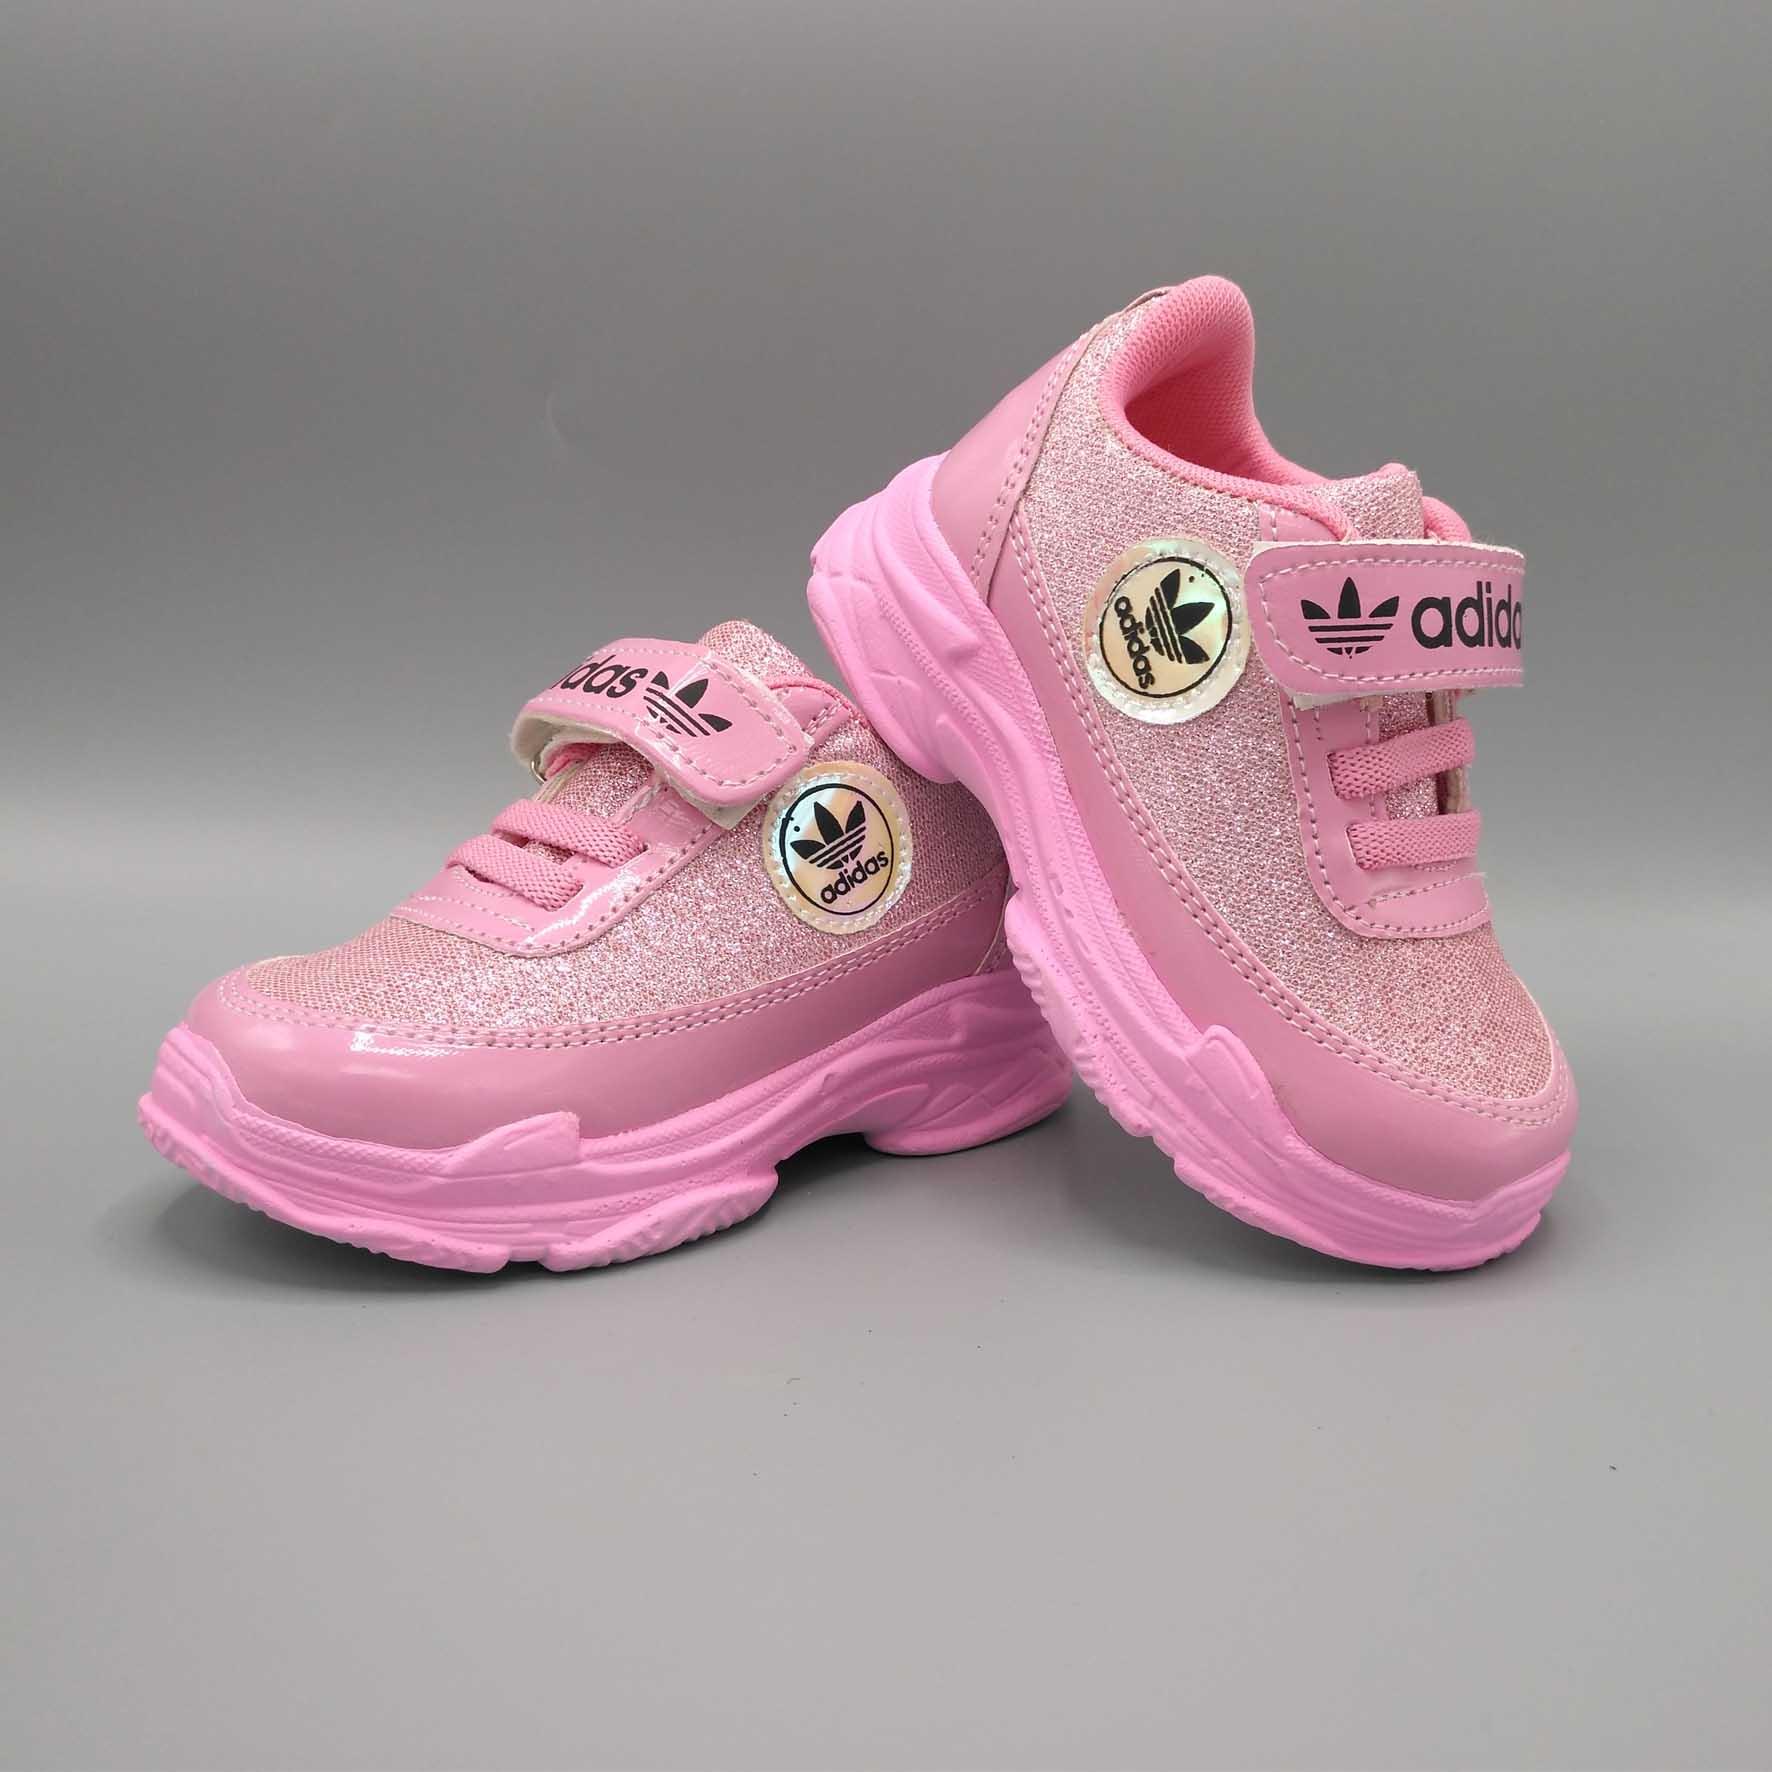 کفش مخصوص پیاده روی بچگانه کد 1                     غیر اصل